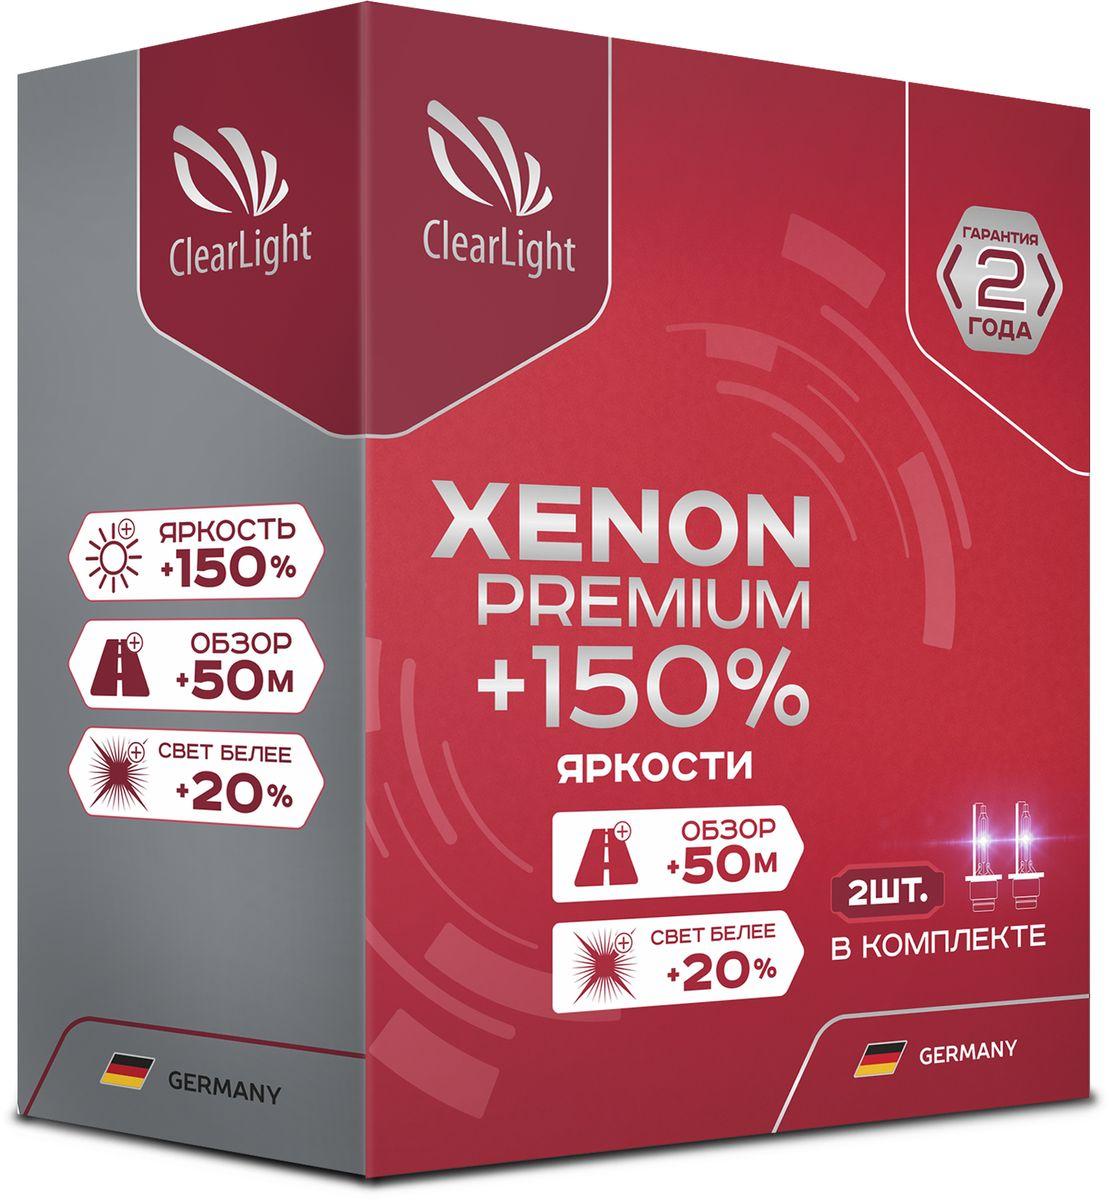 Лампа автомобильная ксеноновая Clearlight Xenon Premium+150%, цоколь H1, 5000 К, 35 Вт, 2 штPCL H10 150-2XPЛампы Xenon Premium+150% подойдут для самых взыскательных покупателей. Высокая яркость лампы достигнута за счет применения инновационных технологий, позволивших увеличить давление газов внутри колбы лампы. +150% яркости, обзор +50 метров, кристально белый свет. Гарантия 2 года.